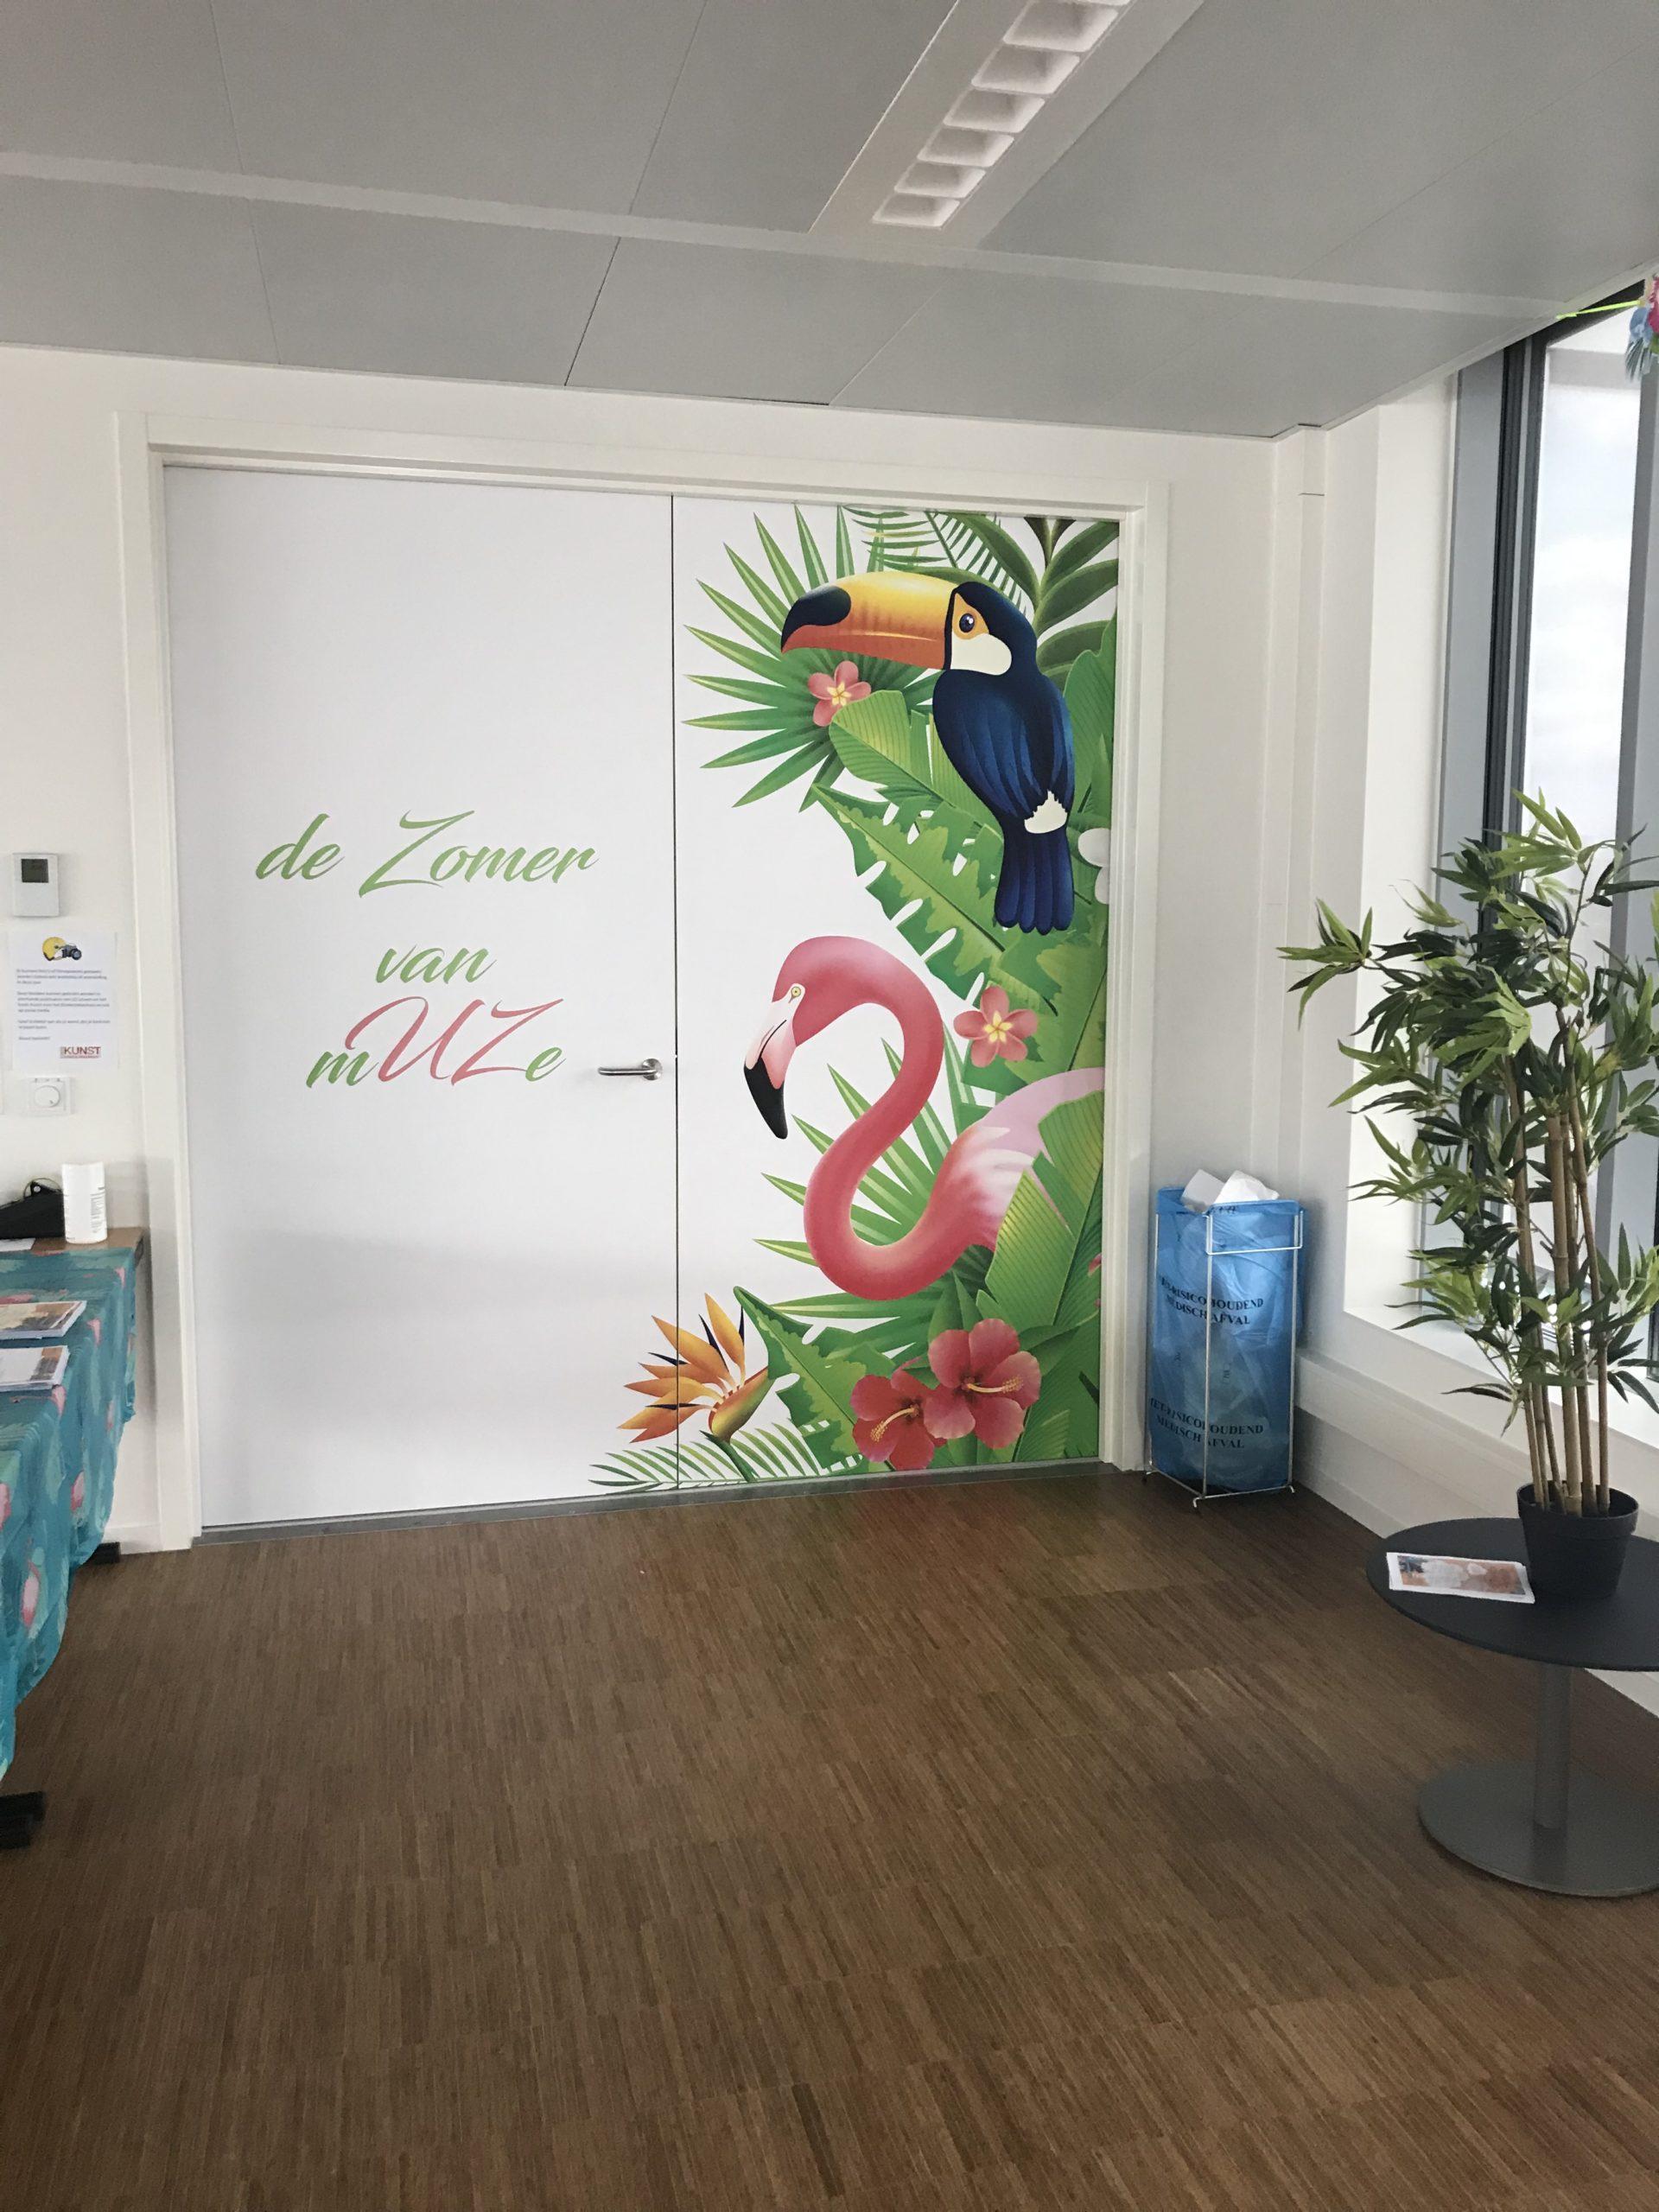 UZ Leuven | De Zomer van Muze